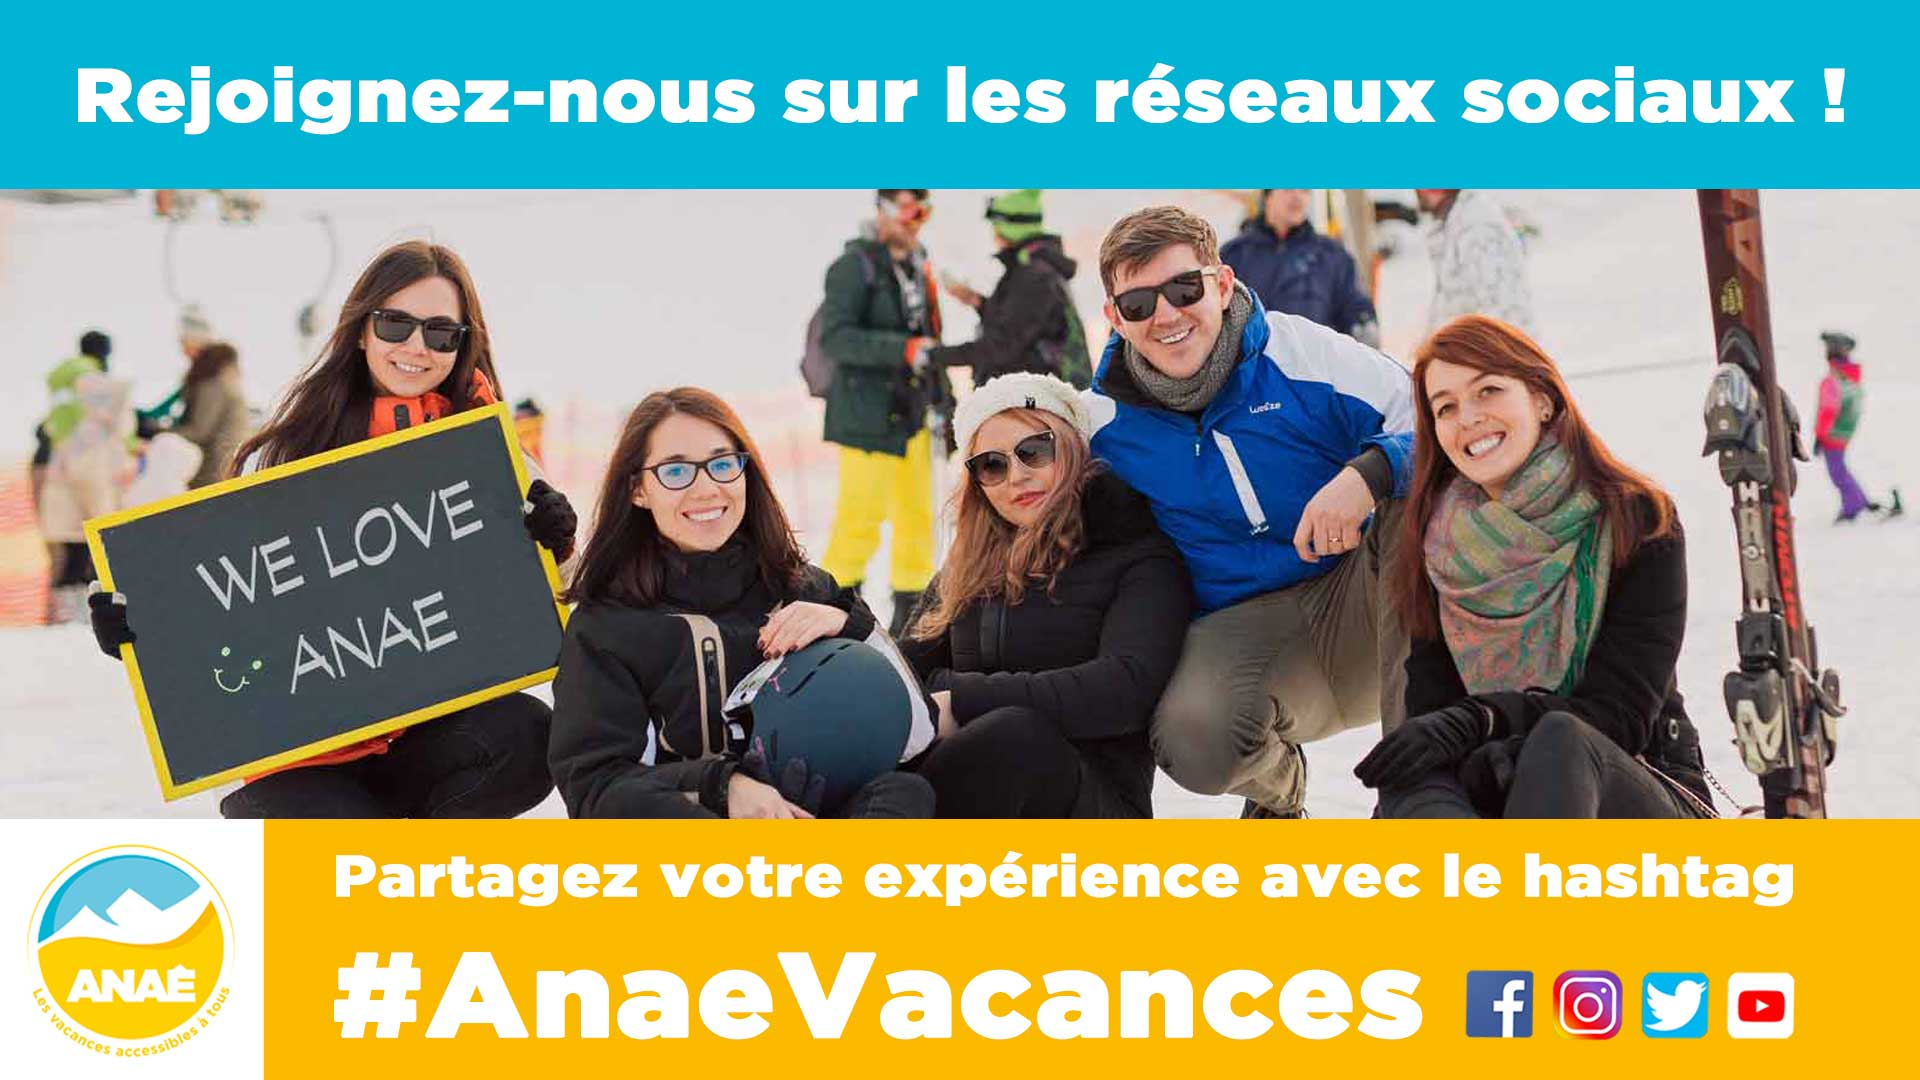 Rejoignez Anae les vacances accessibles à tous sur les réseaux sociaux avec la hashtag #AnaeVacances